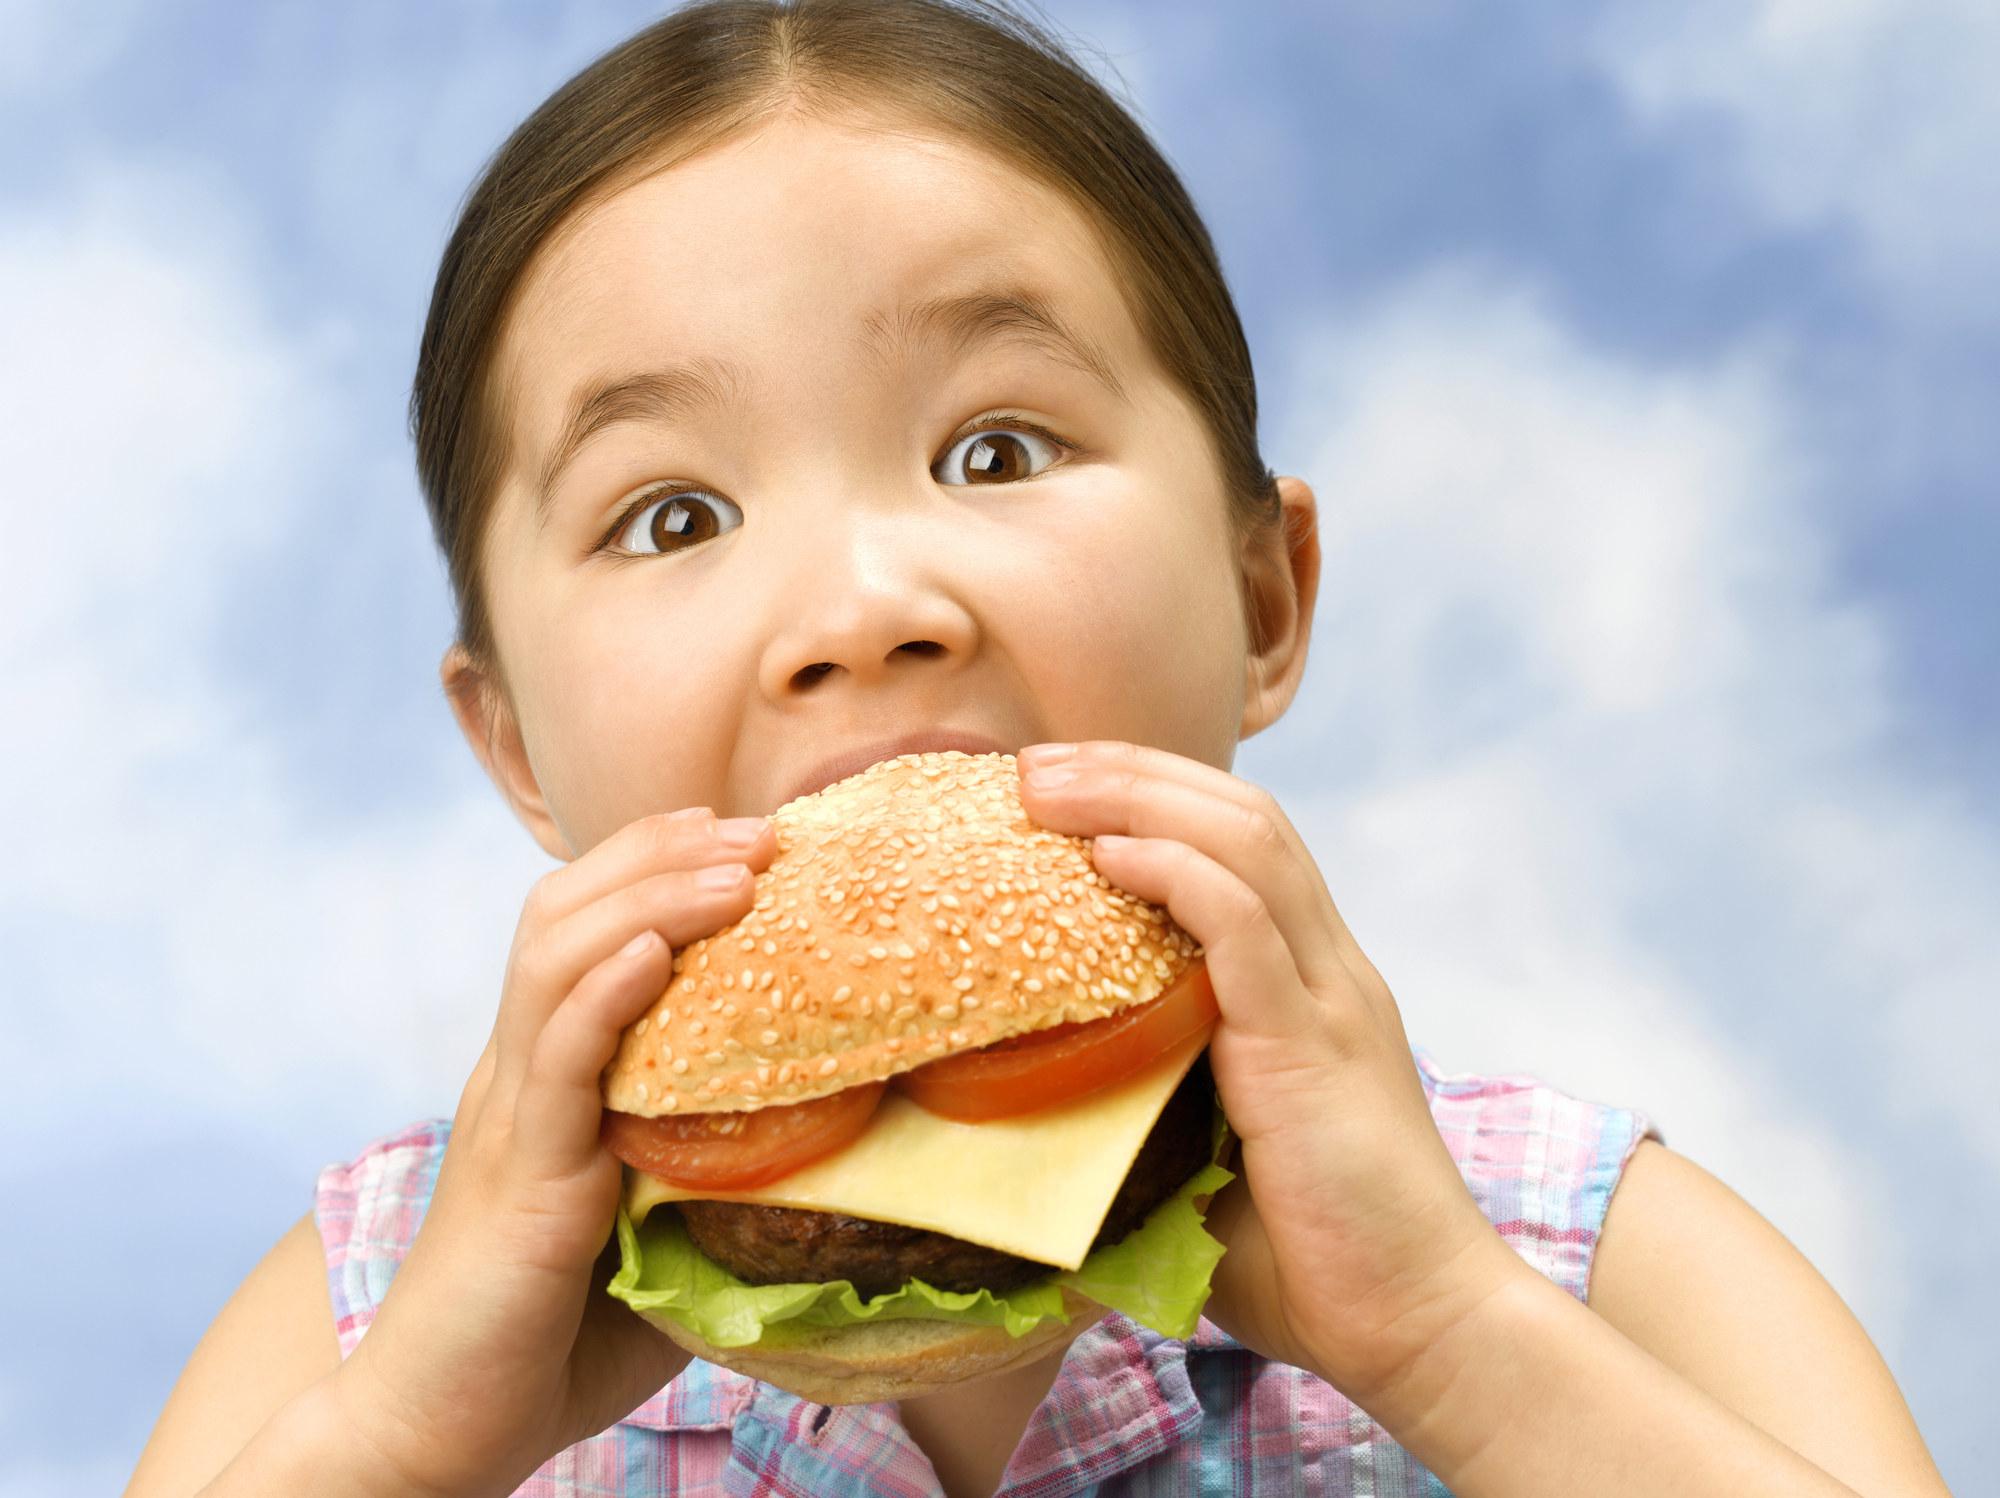 Little girl taking a bit of a big burger